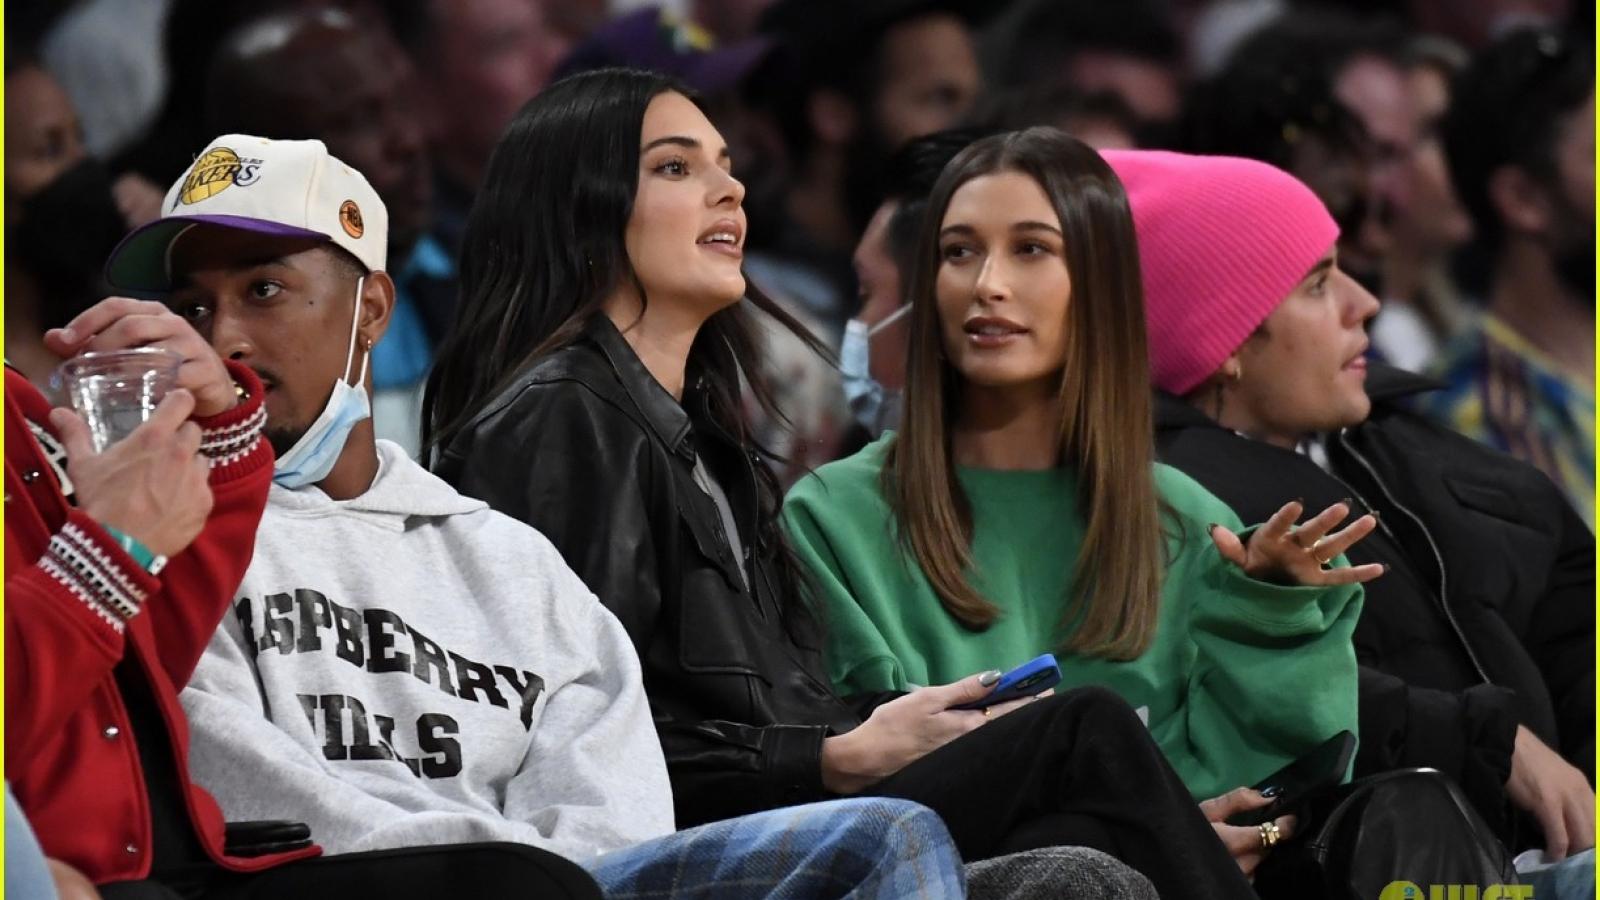 Vợ chồng Justin Bieber tình tứ đến cổ vũ bạn trai của Kendall Jenner thi đấu bóng rổ